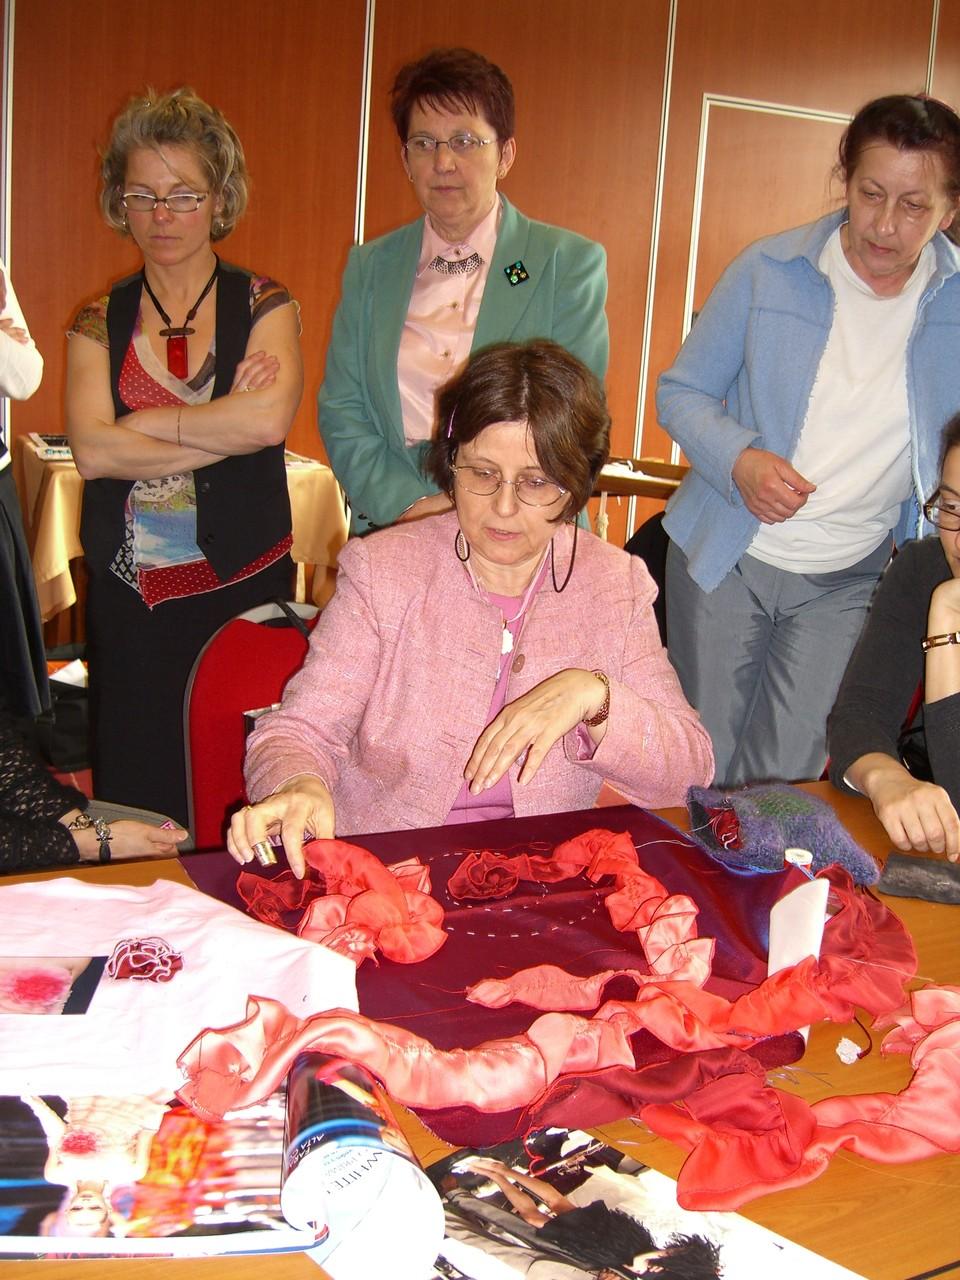 Marthe Glasser drappiert, verlaufend gefärbten Chiffon zu Rosetten à la Valentino - 2008 Geradmér